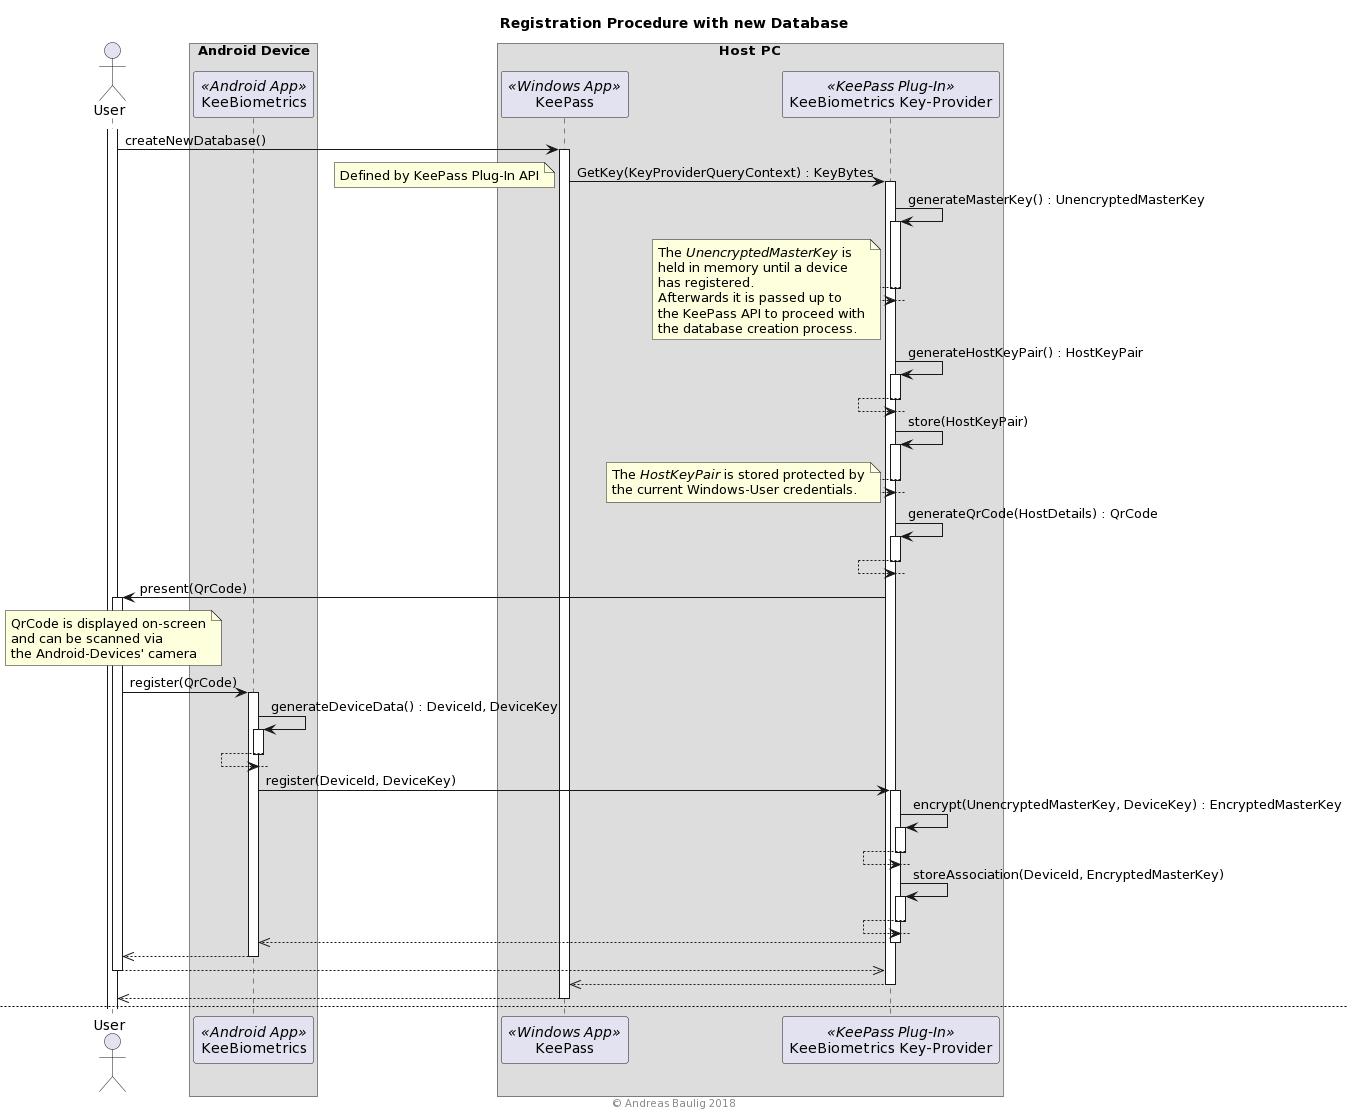 GitHub - ChiefGokhlayeh/KeeBiometrics: KeePass 2 x plug-in